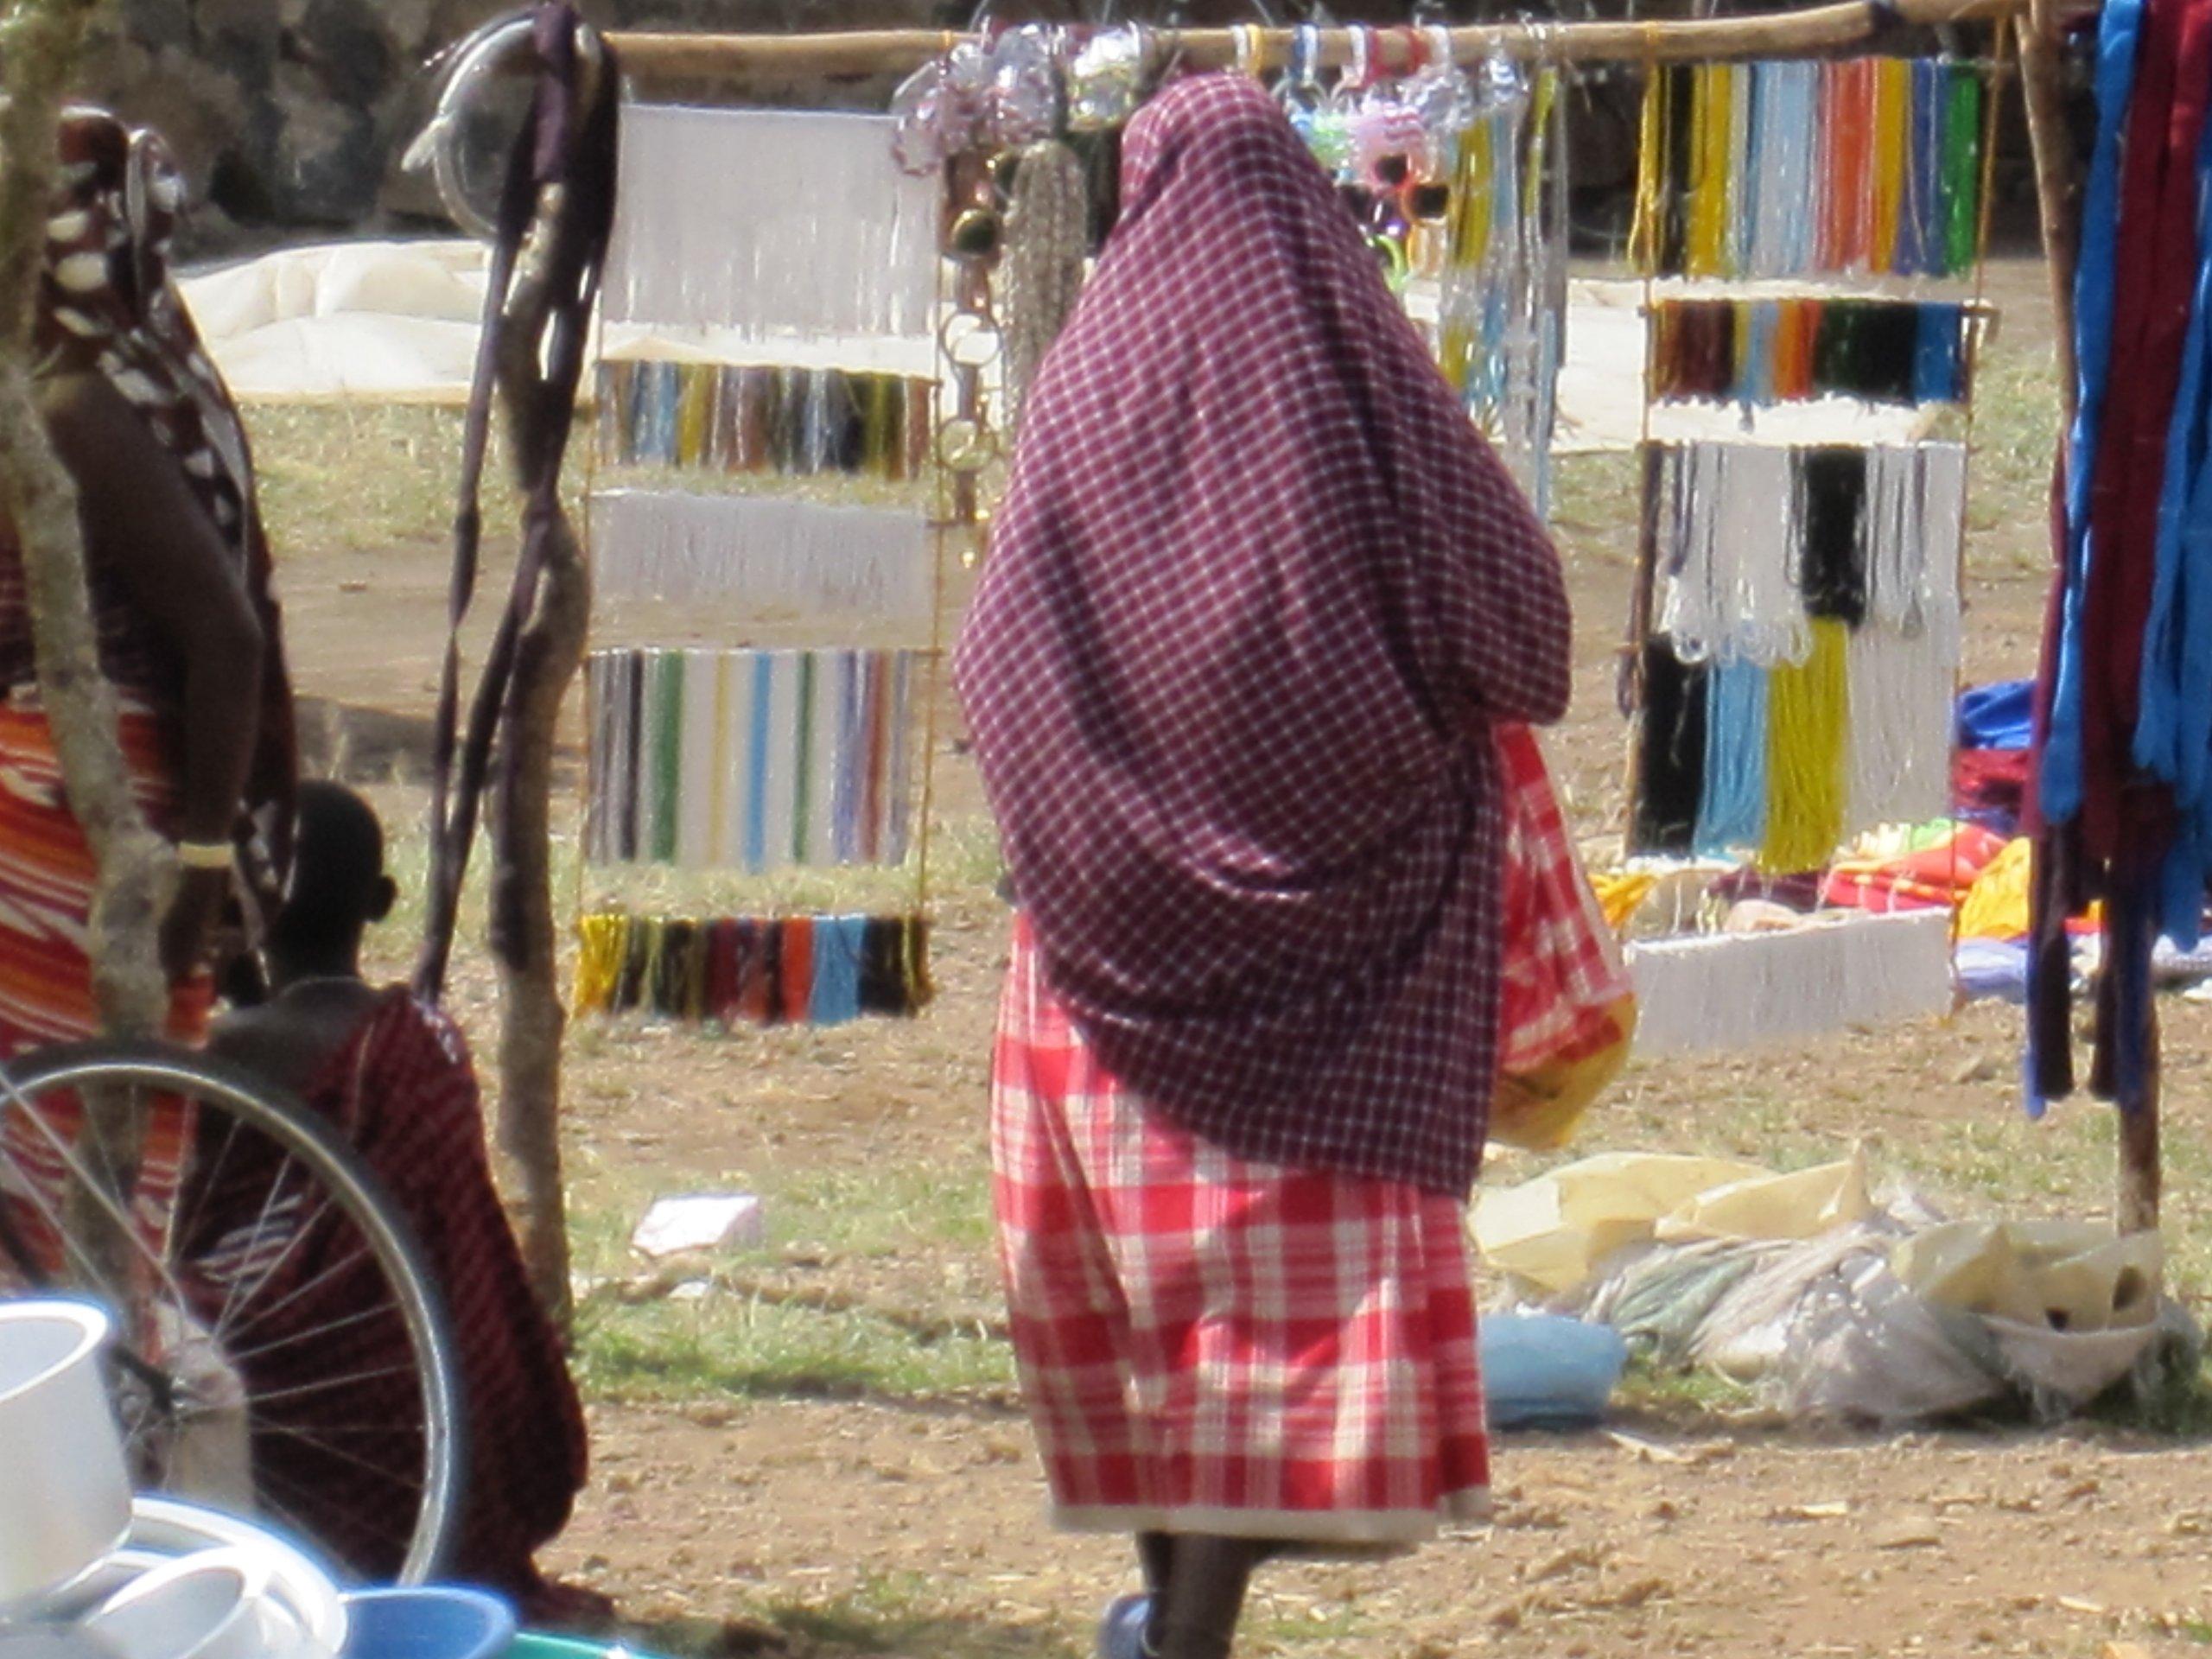 Woman at market, Moshi, Tanzania